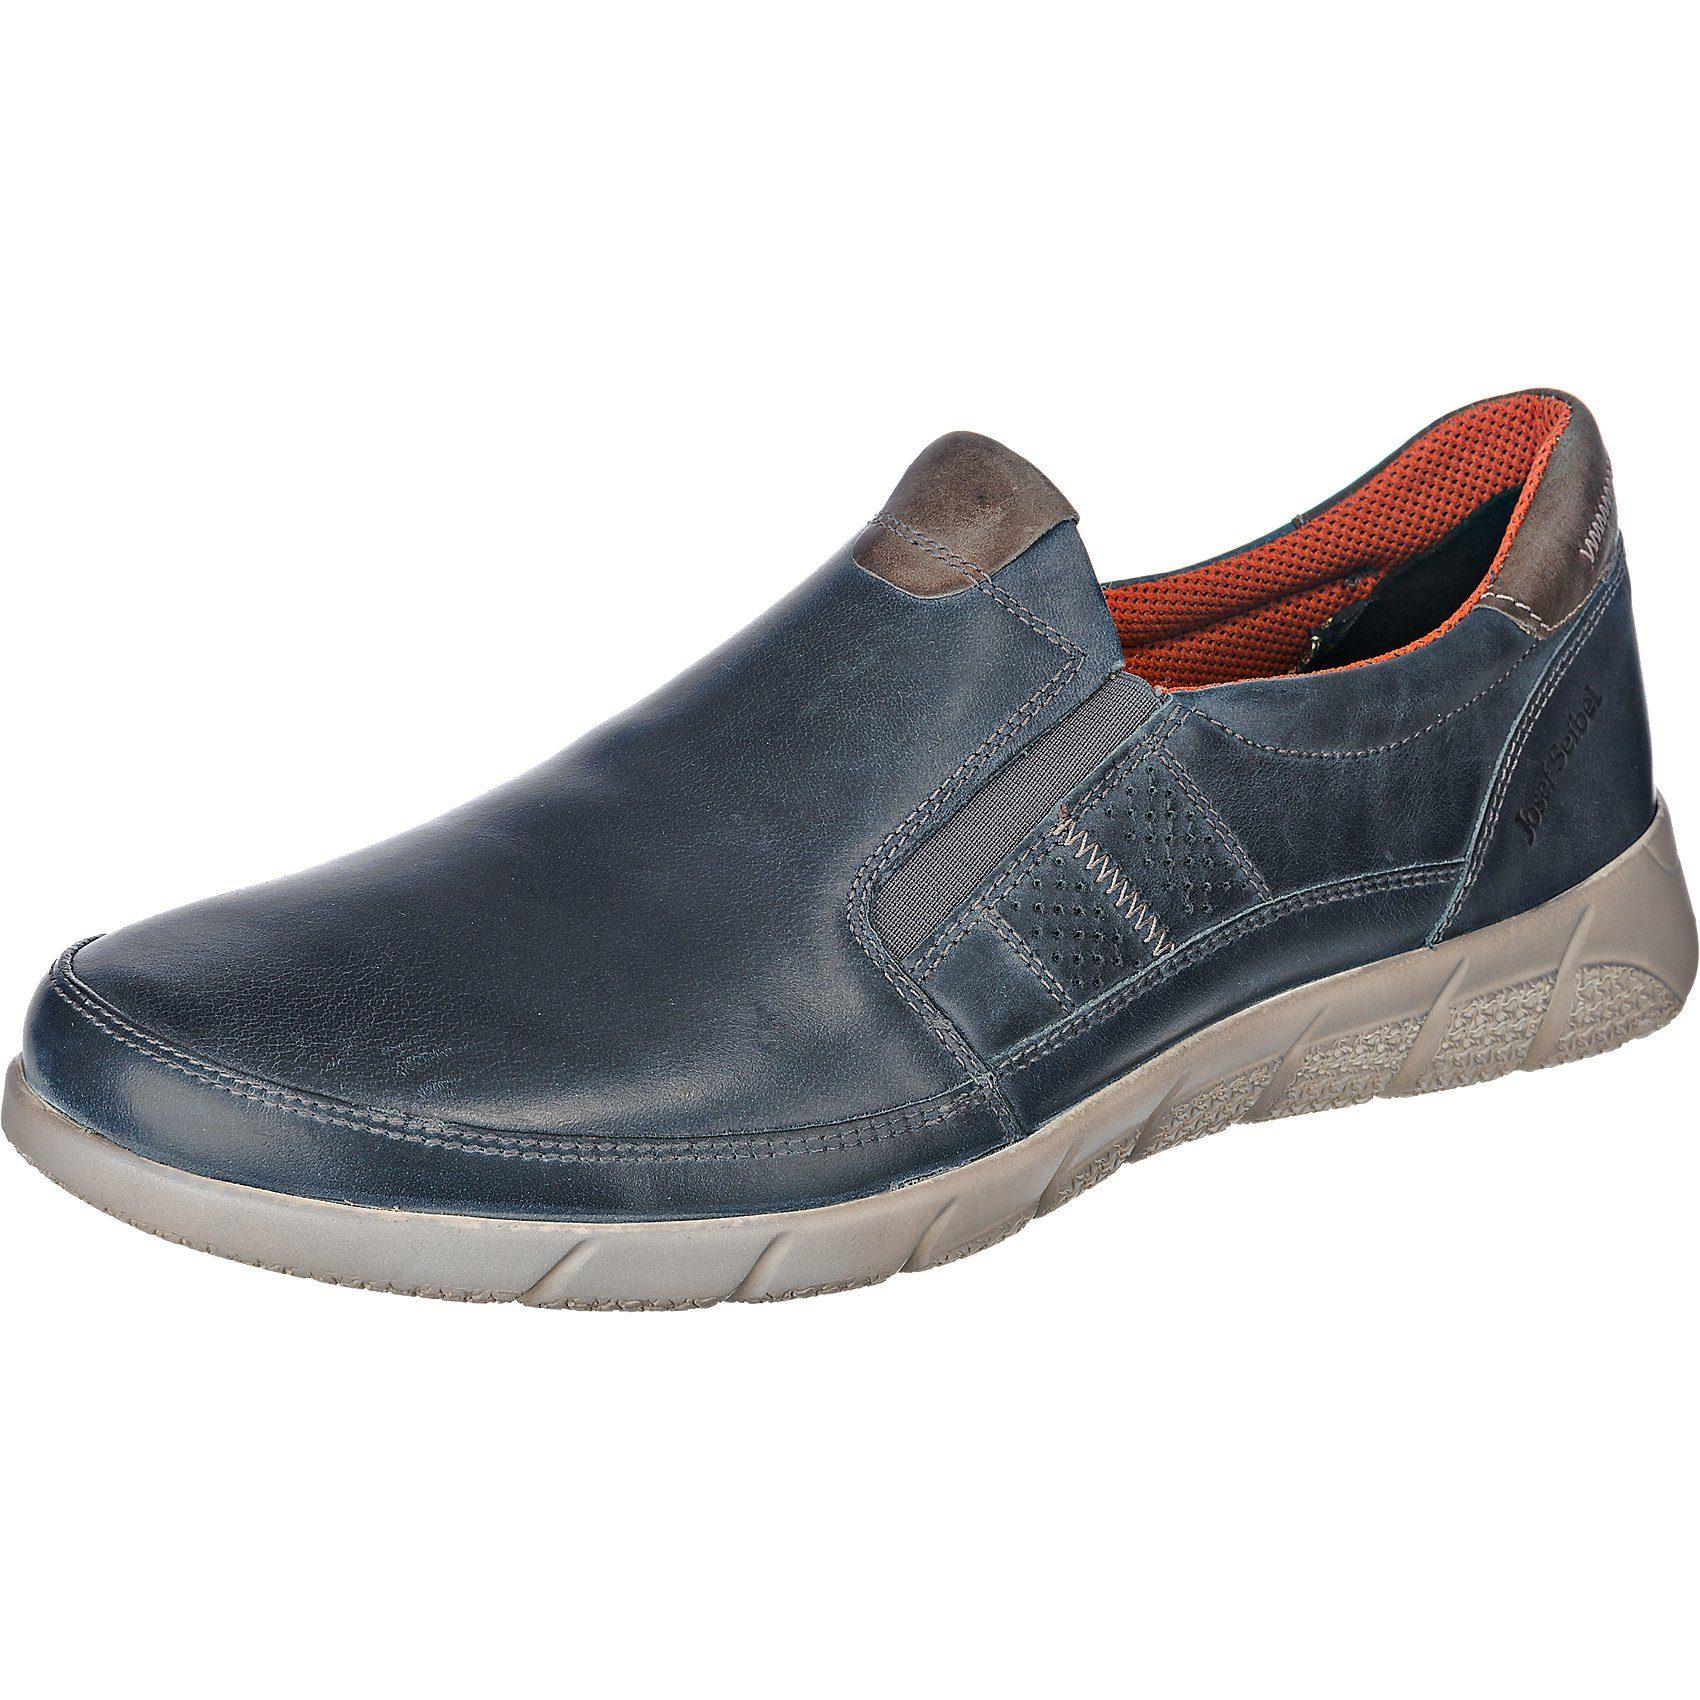 Josef Seibel Cliff 07 Komfort-Slipper kaufen  blau